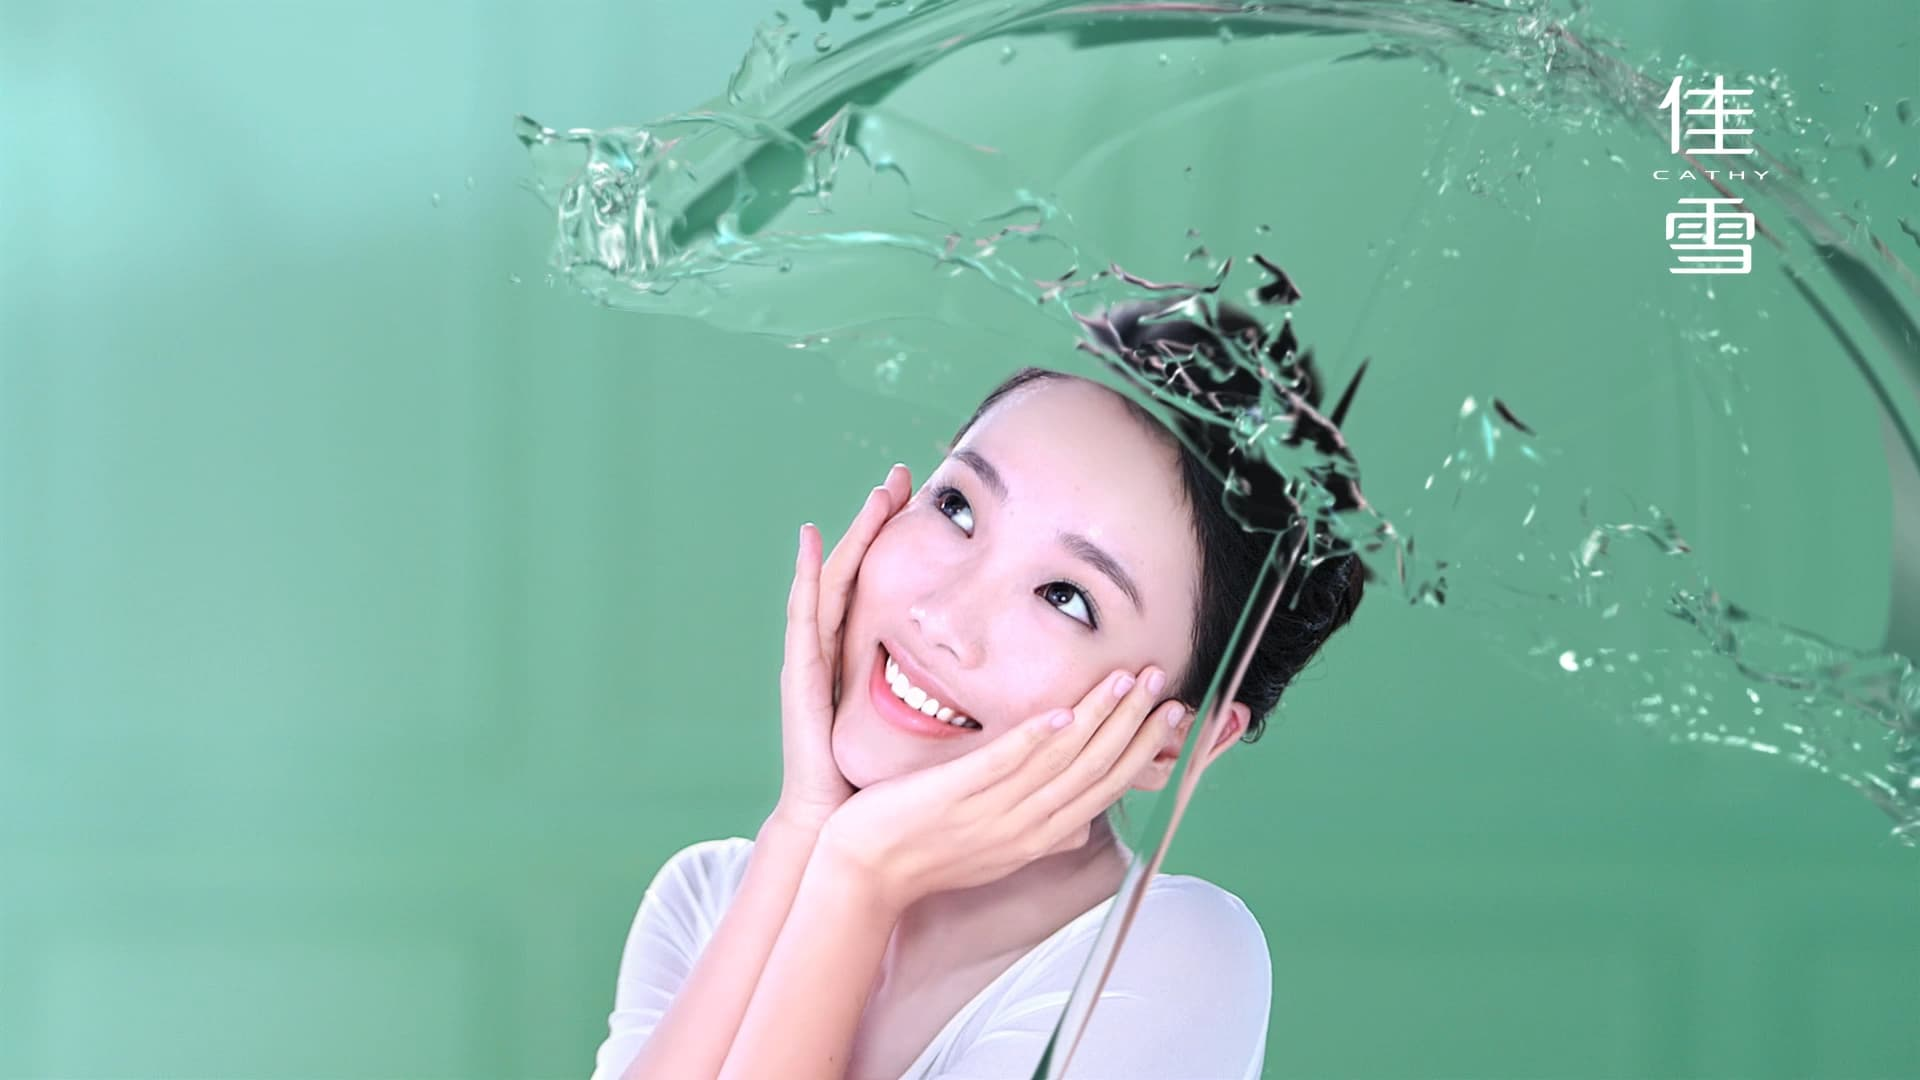 佳雪-芦荟胶